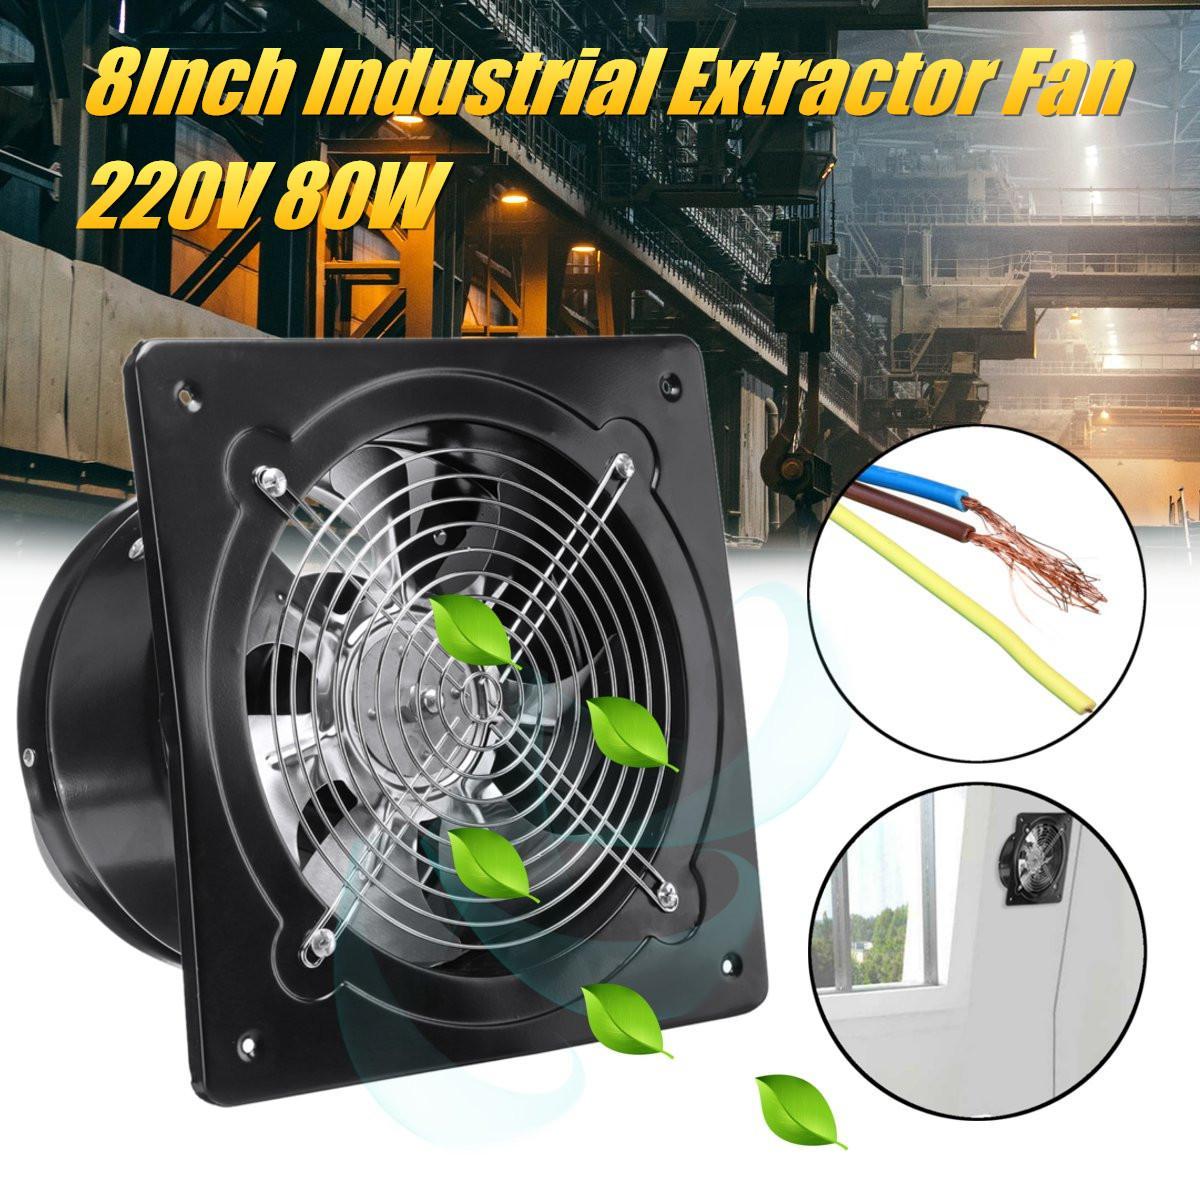 8 polegada 220 v 80 w ventilador do painel de aço inoxidável ventilador ventilação industrial metal montagem na parede exaustão exaustor janela da cozinha|Exaustores| |  - title=